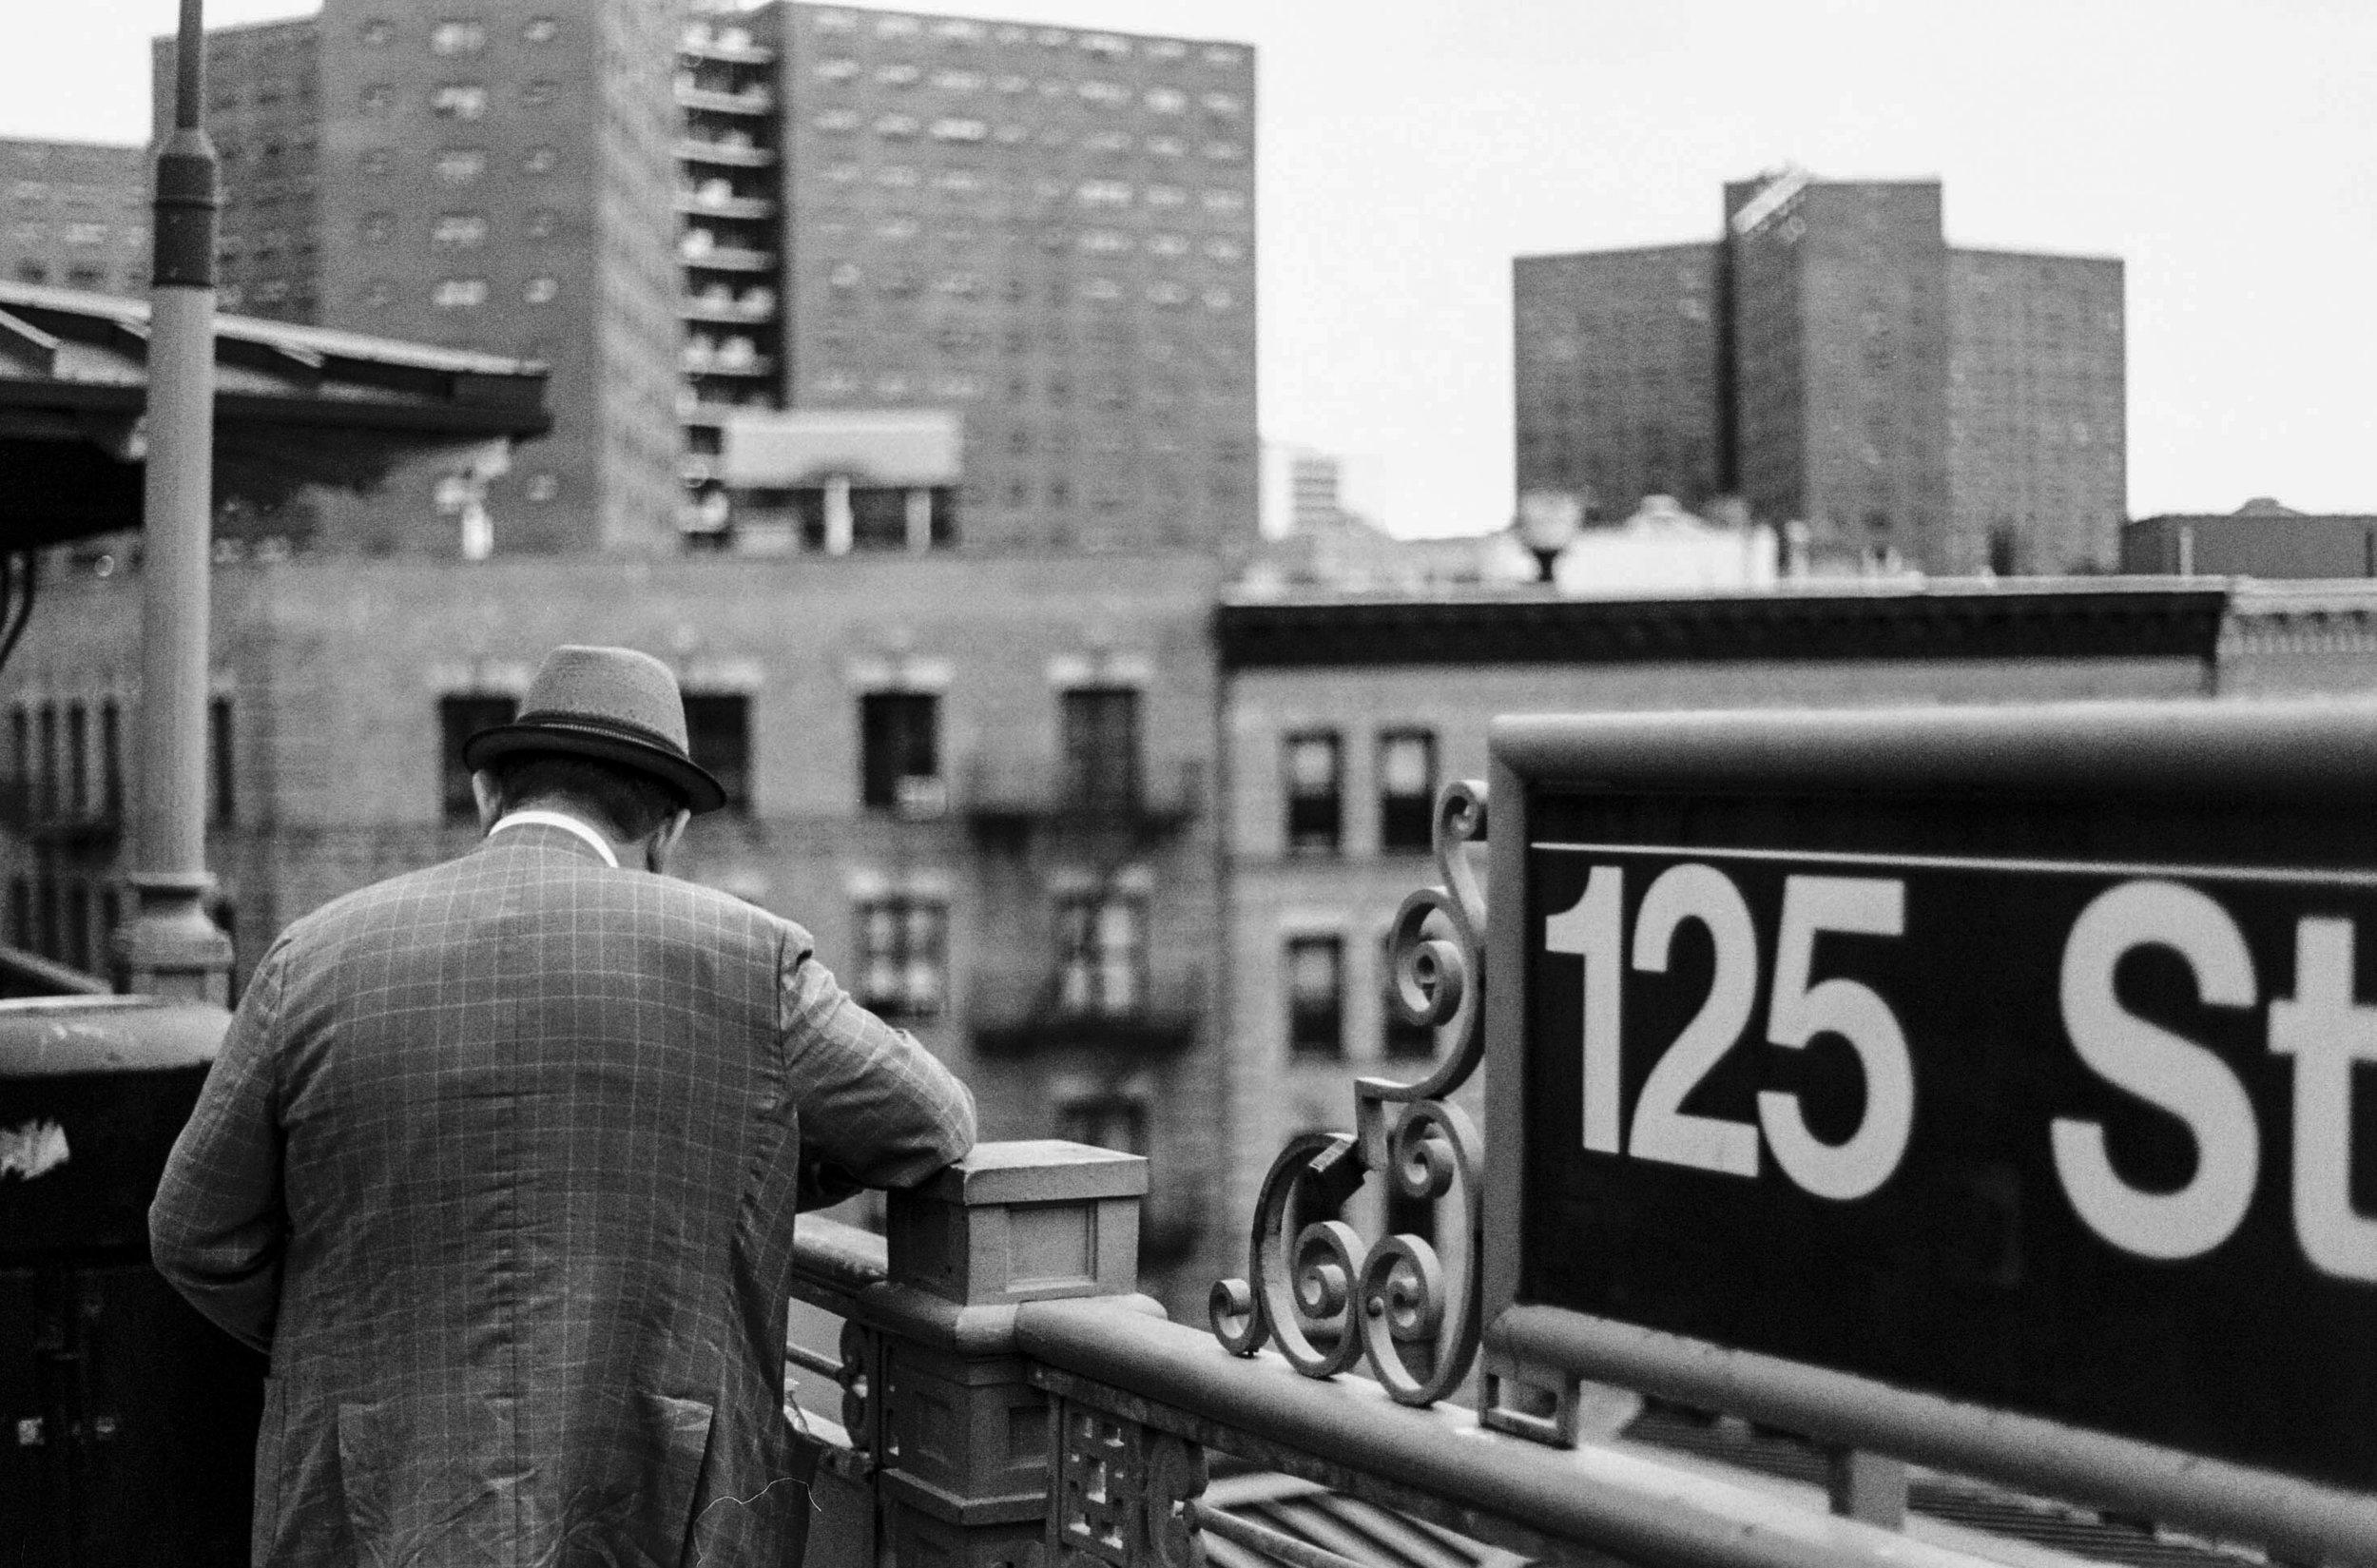 125th, Harlem, 2016